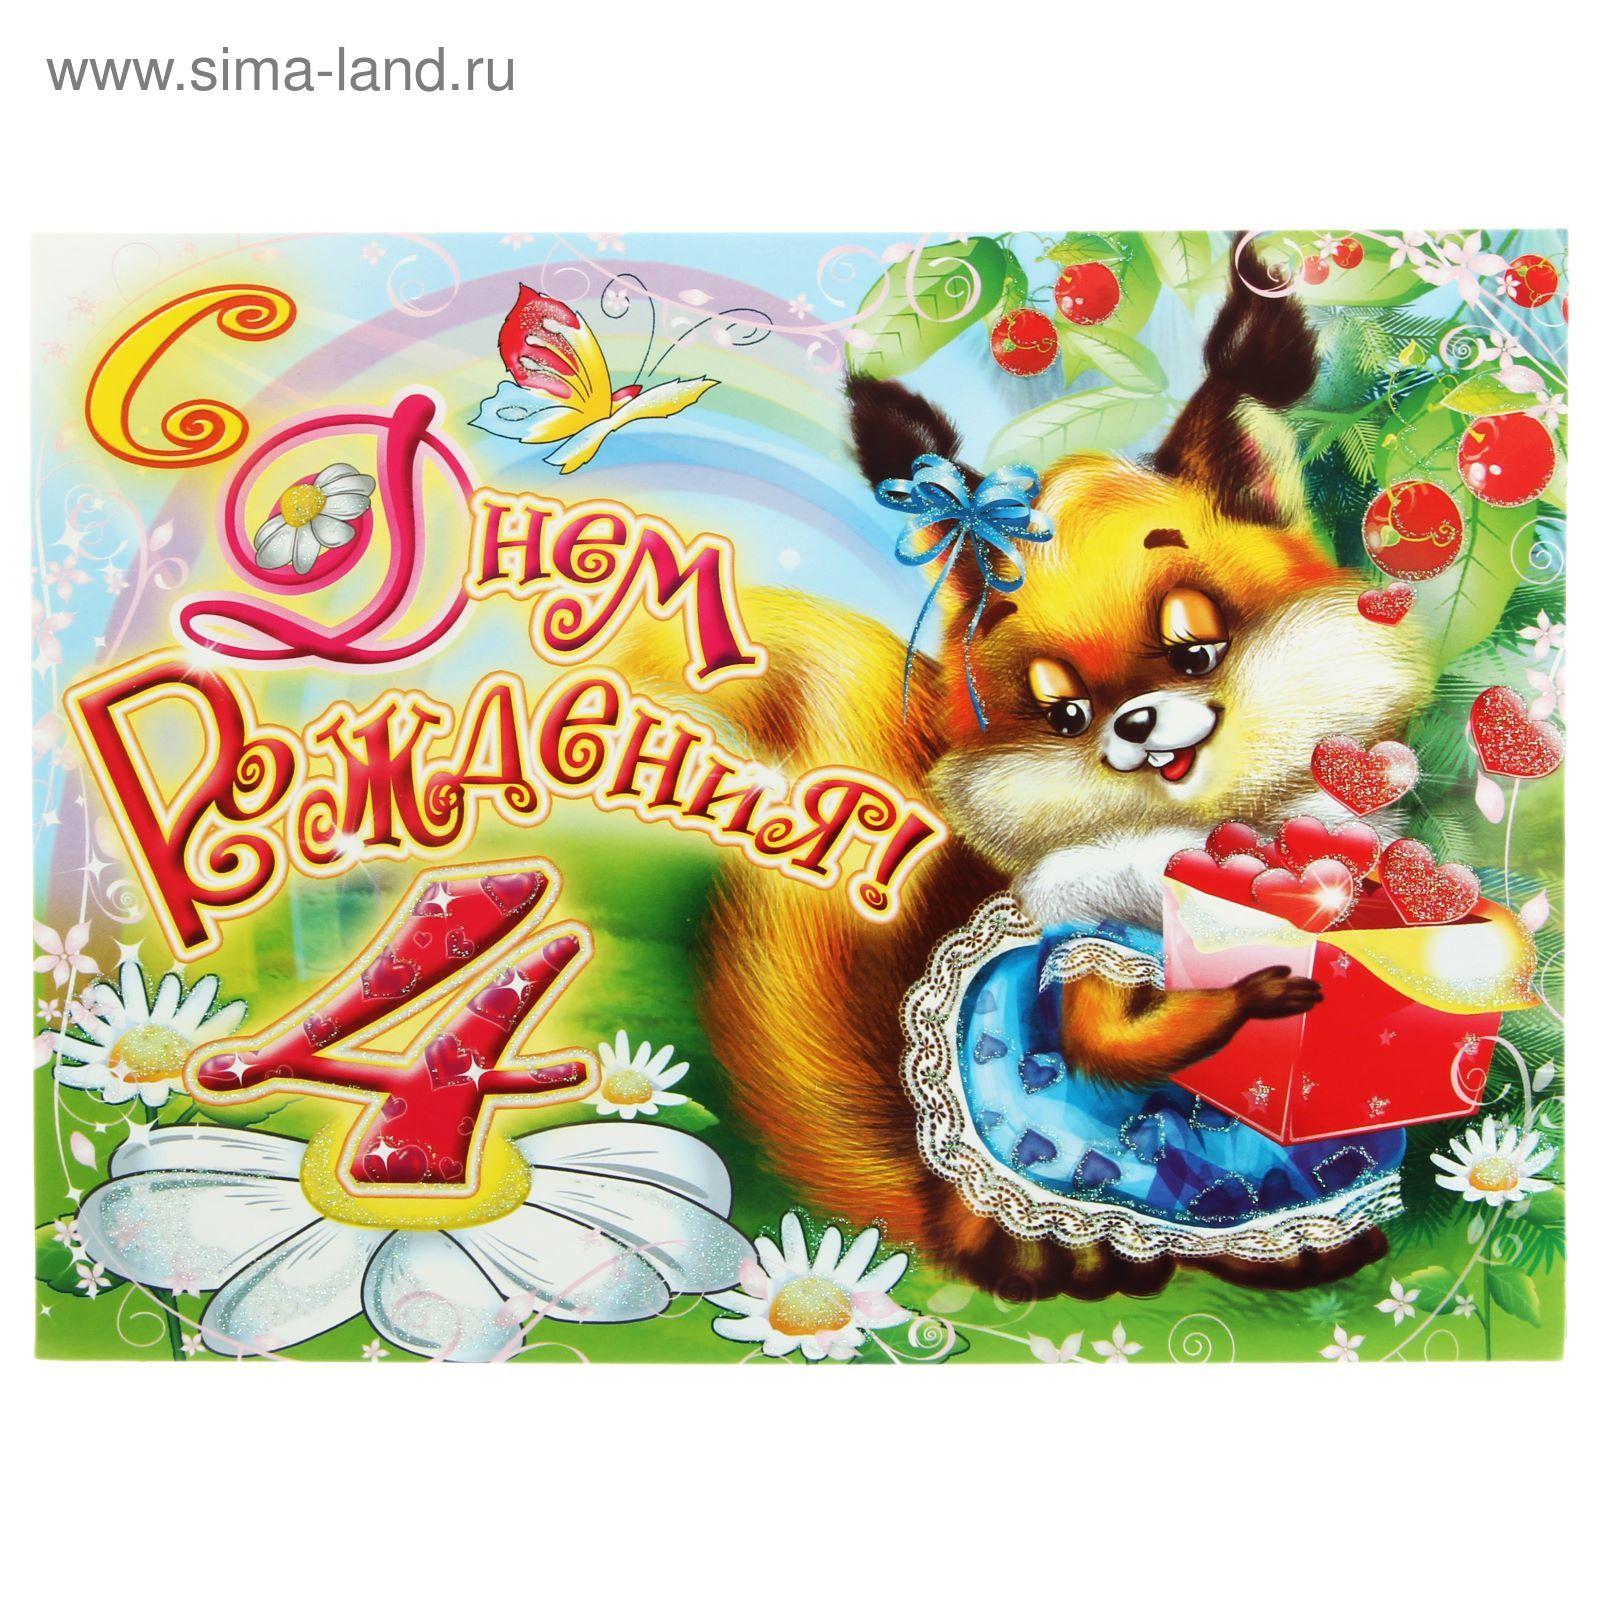 Открытки, поздравительная открытка с днем рождения 4 года